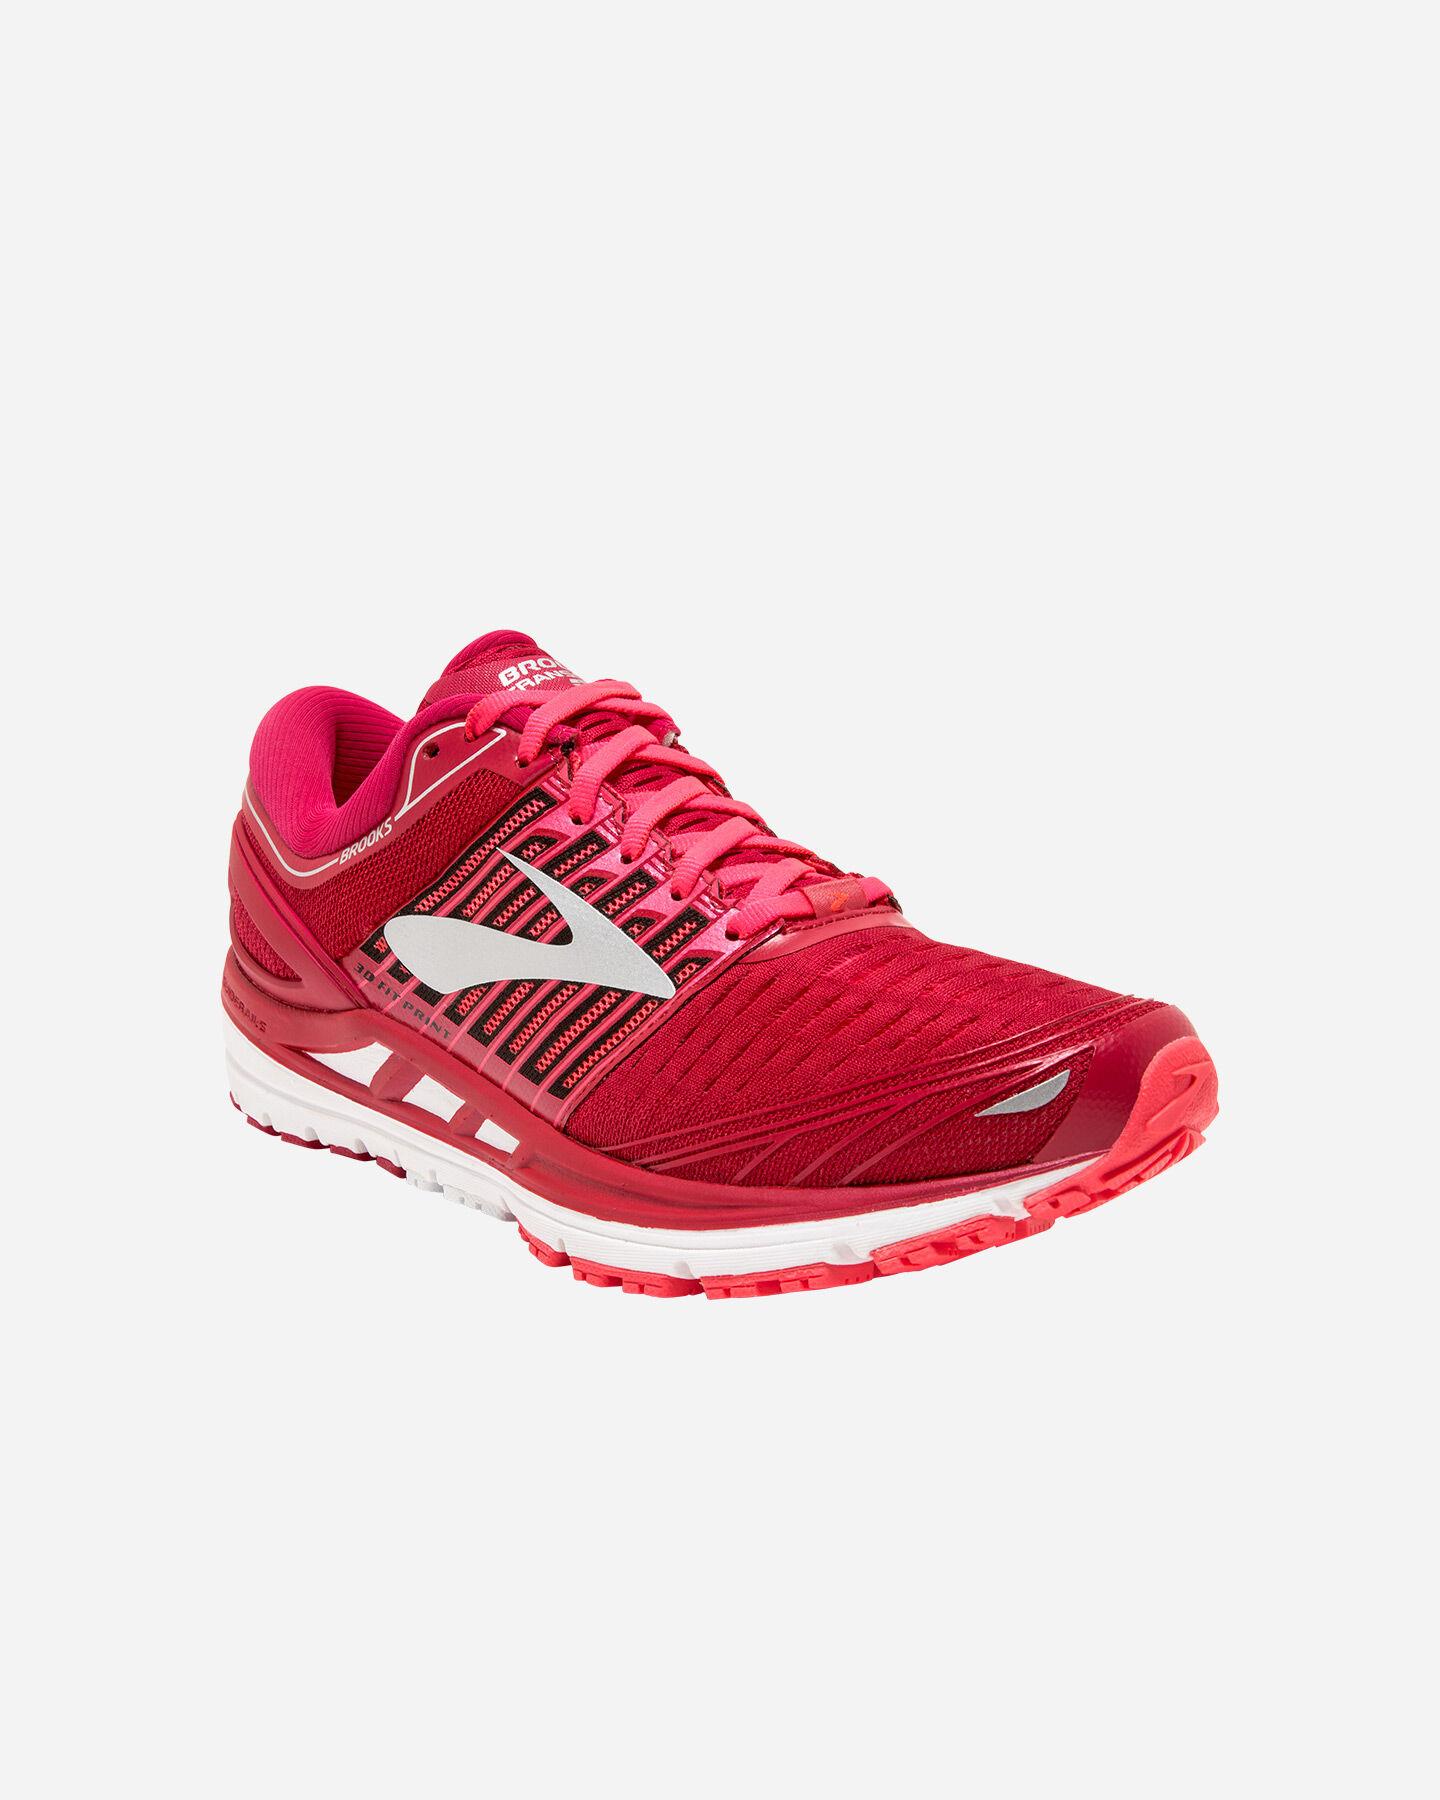 Cisalfa 5 Transcend Brooks W Su Sport Scarpe 1202631b699 Running fAq0Rw5q